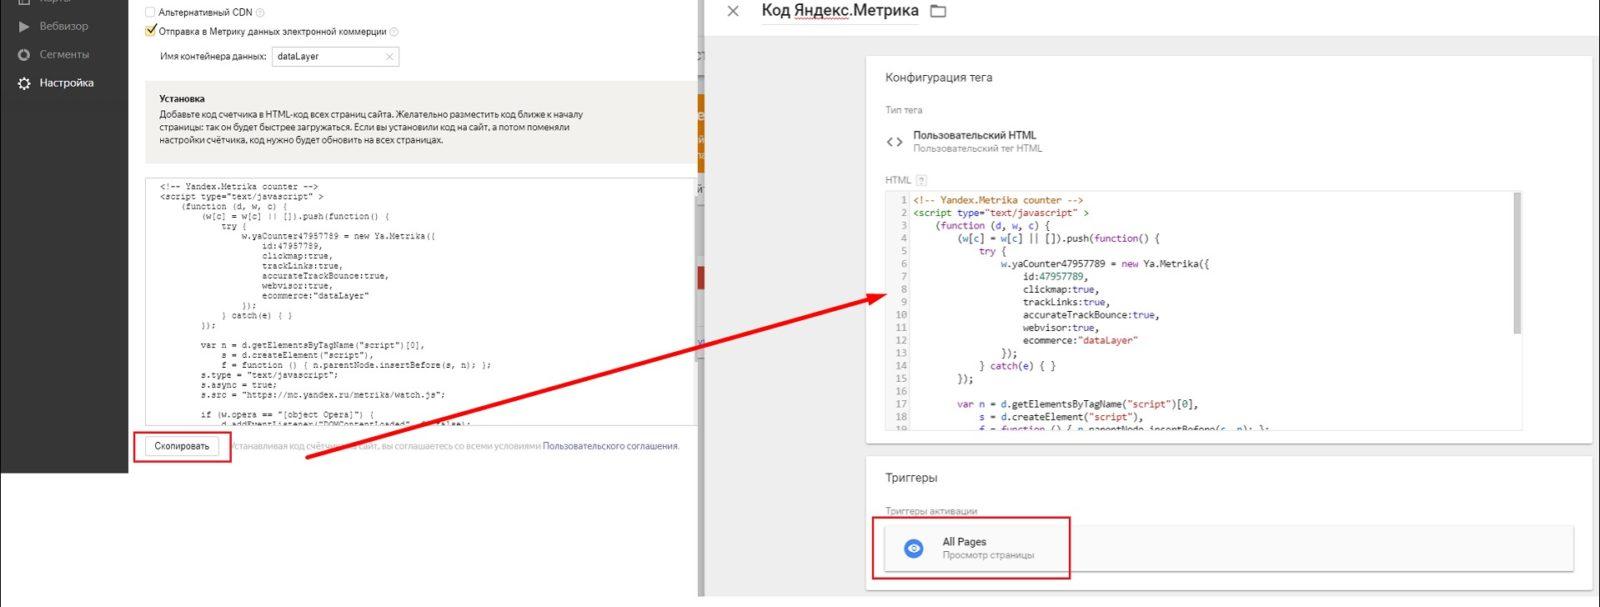 Копирование кода из Я.Метрика в Пользовательский HTML Google Tag Manager